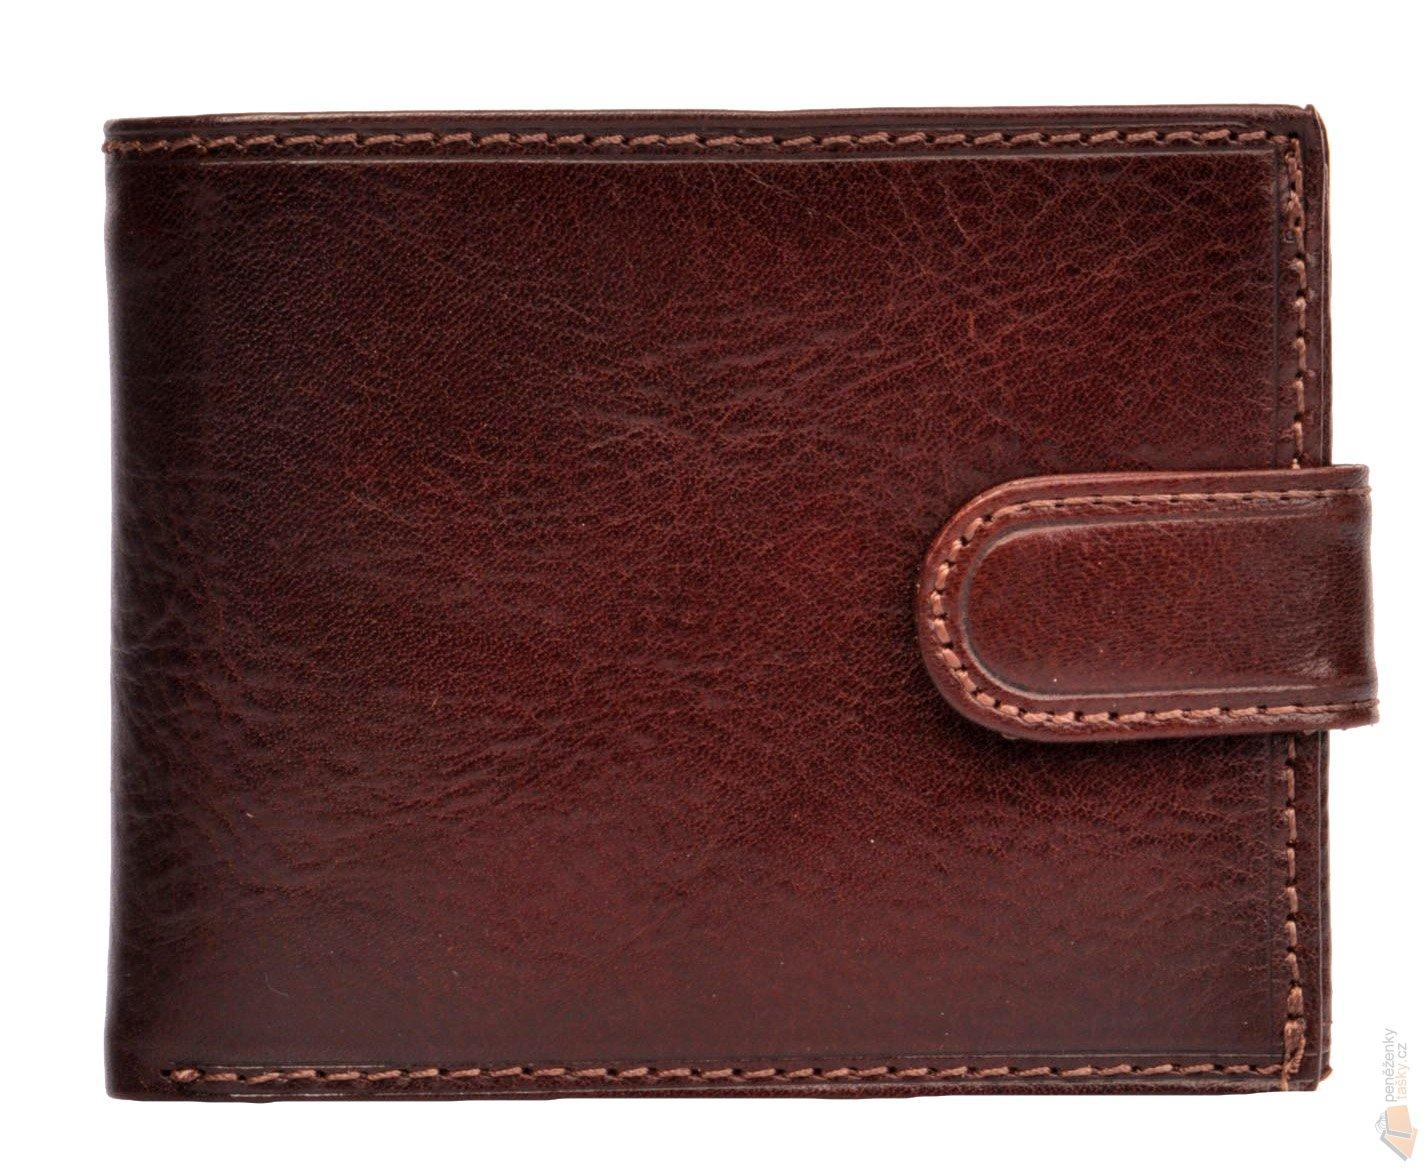 HELLIX Pánská kožená peněženka P-1202 hnědá   Kabelky 93a08ac336f